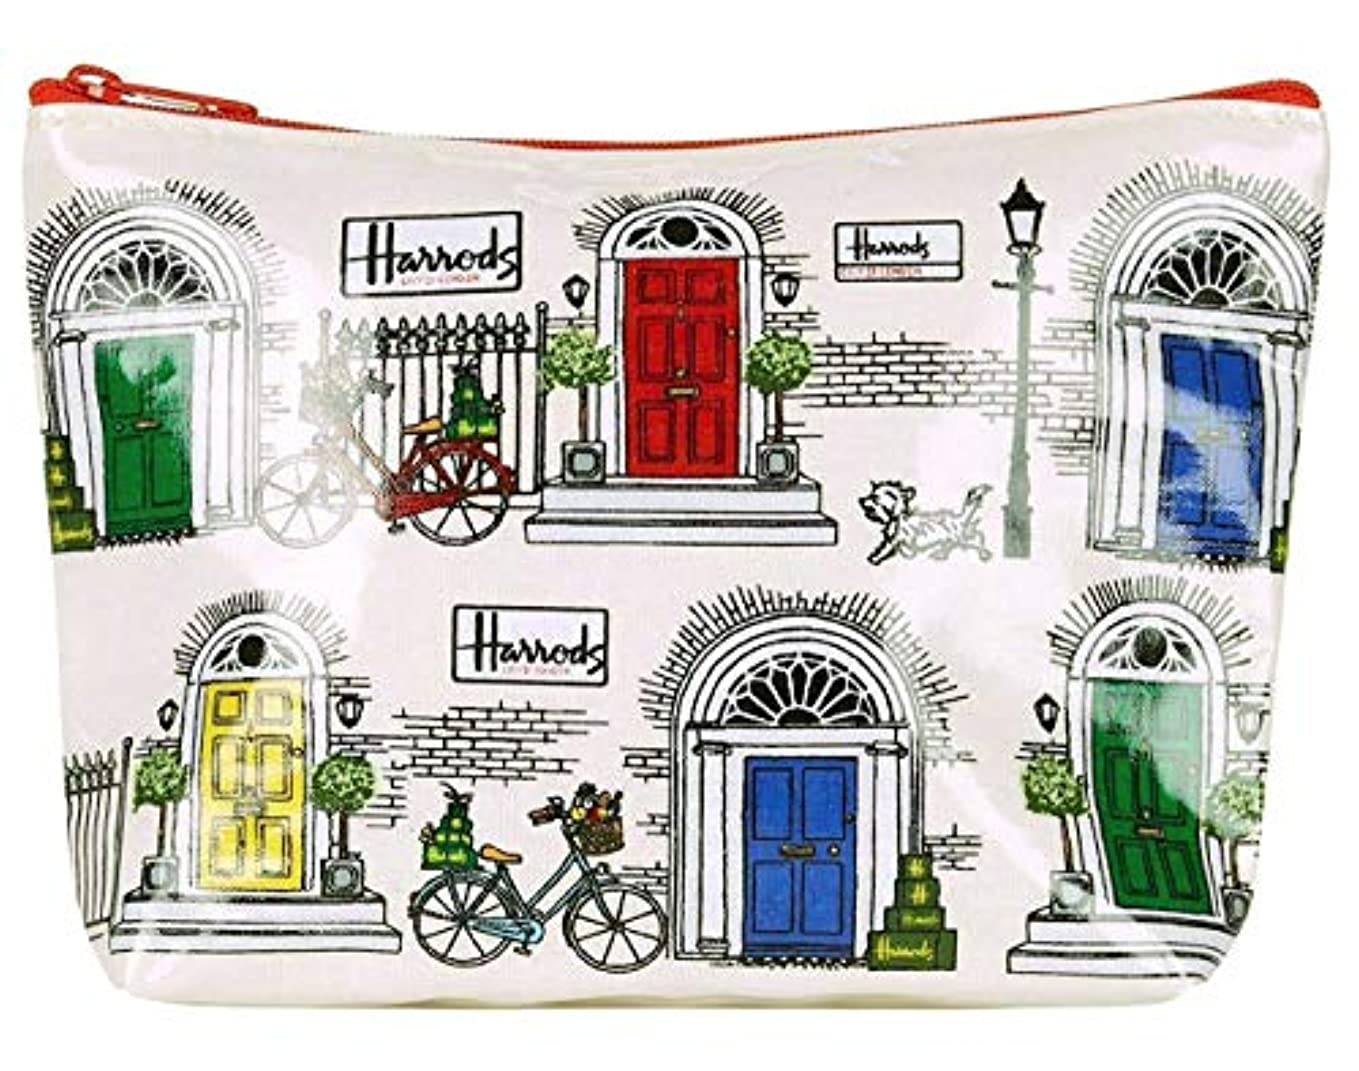 (ハロッズ) Harrods 正規品 ポーチ,化粧ポーチ,トラベルポーチ,ジップパース,ナプキン入れ Harrods Travel Pouch? (Knightsbridge Doors)